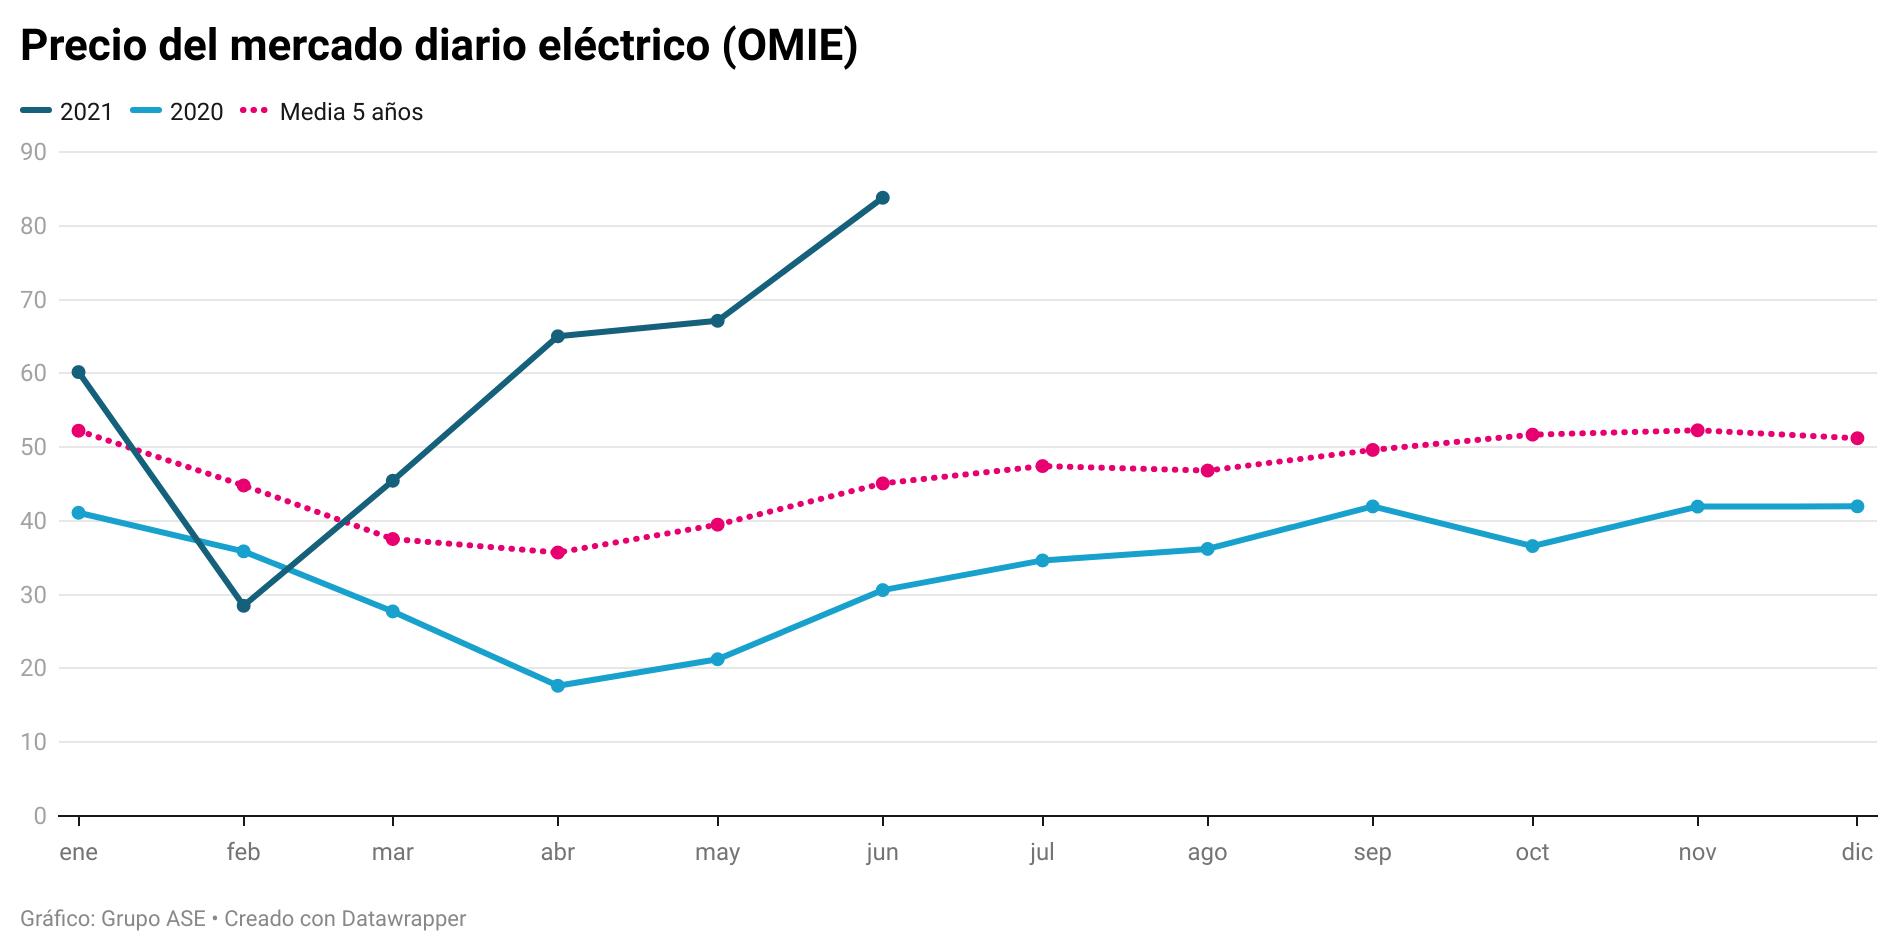 La luz inicia el verano por encima de 80 €/MWh, el máximo histórico de un mes de junio